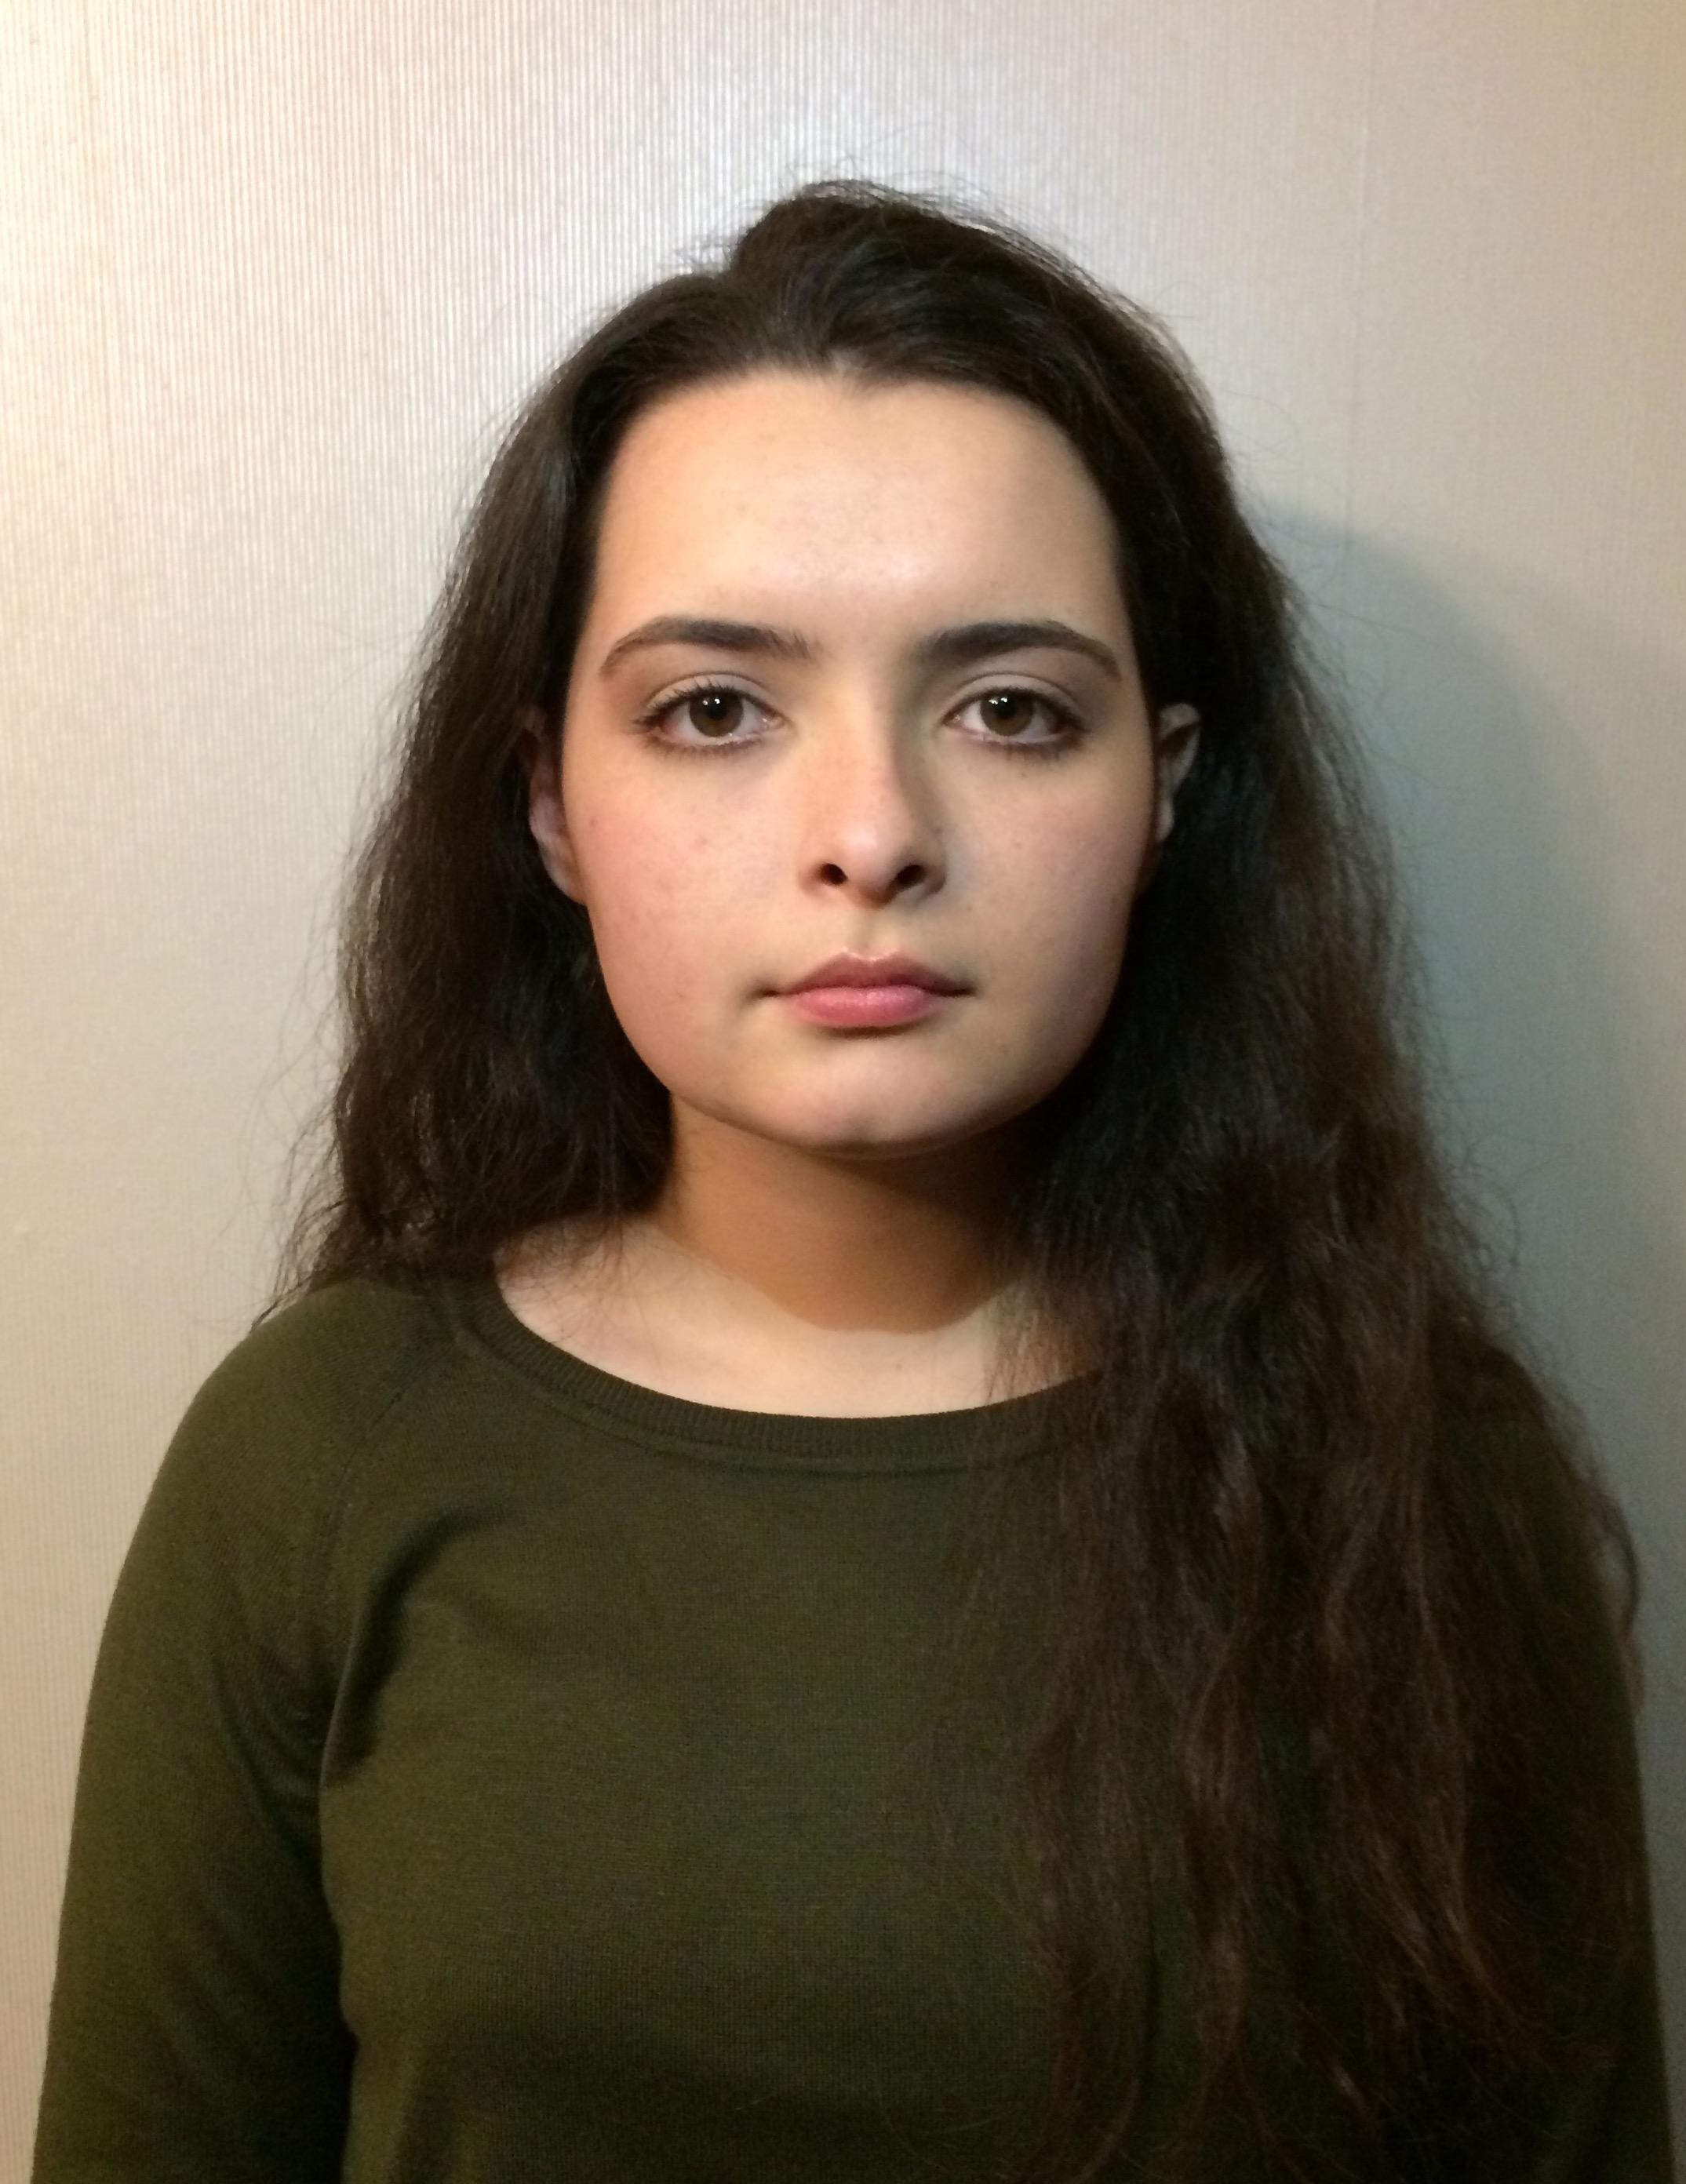 Photo of Sophia Bonner